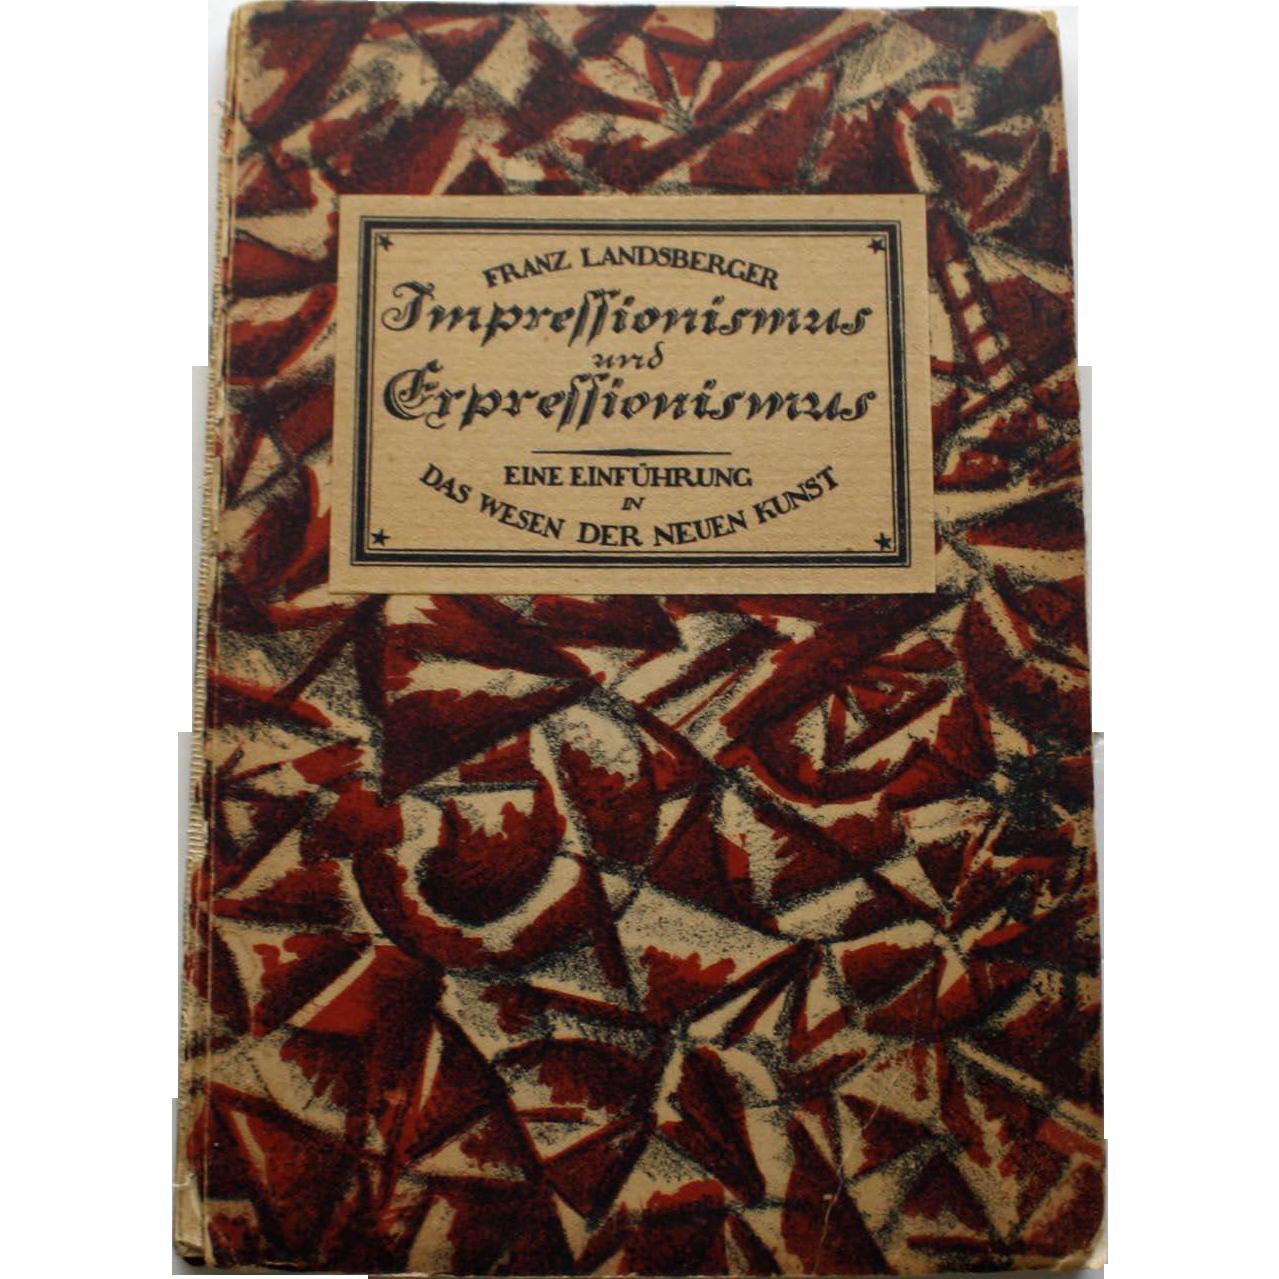 Impressionismus Und Expressionismus by Franz Landsberger, 1919, 1st Edition